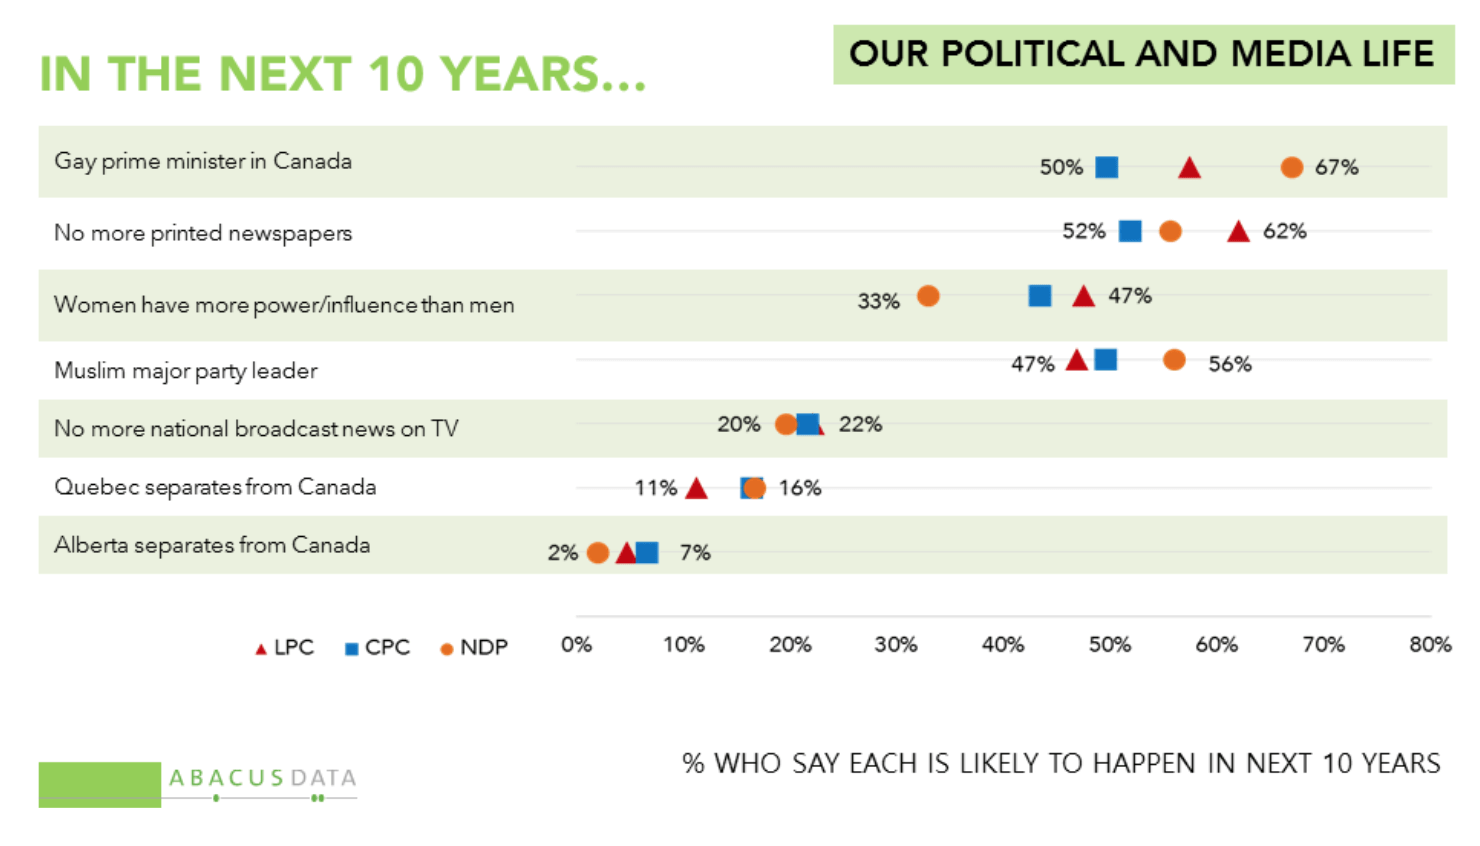 Screenshot-2016-07-28-21.27.41  Maioria dos Canadenses acreditam que um Primeiro-Ministro Gay poderá ser eleito em 10 anos Screenshot 2016 07 28 21